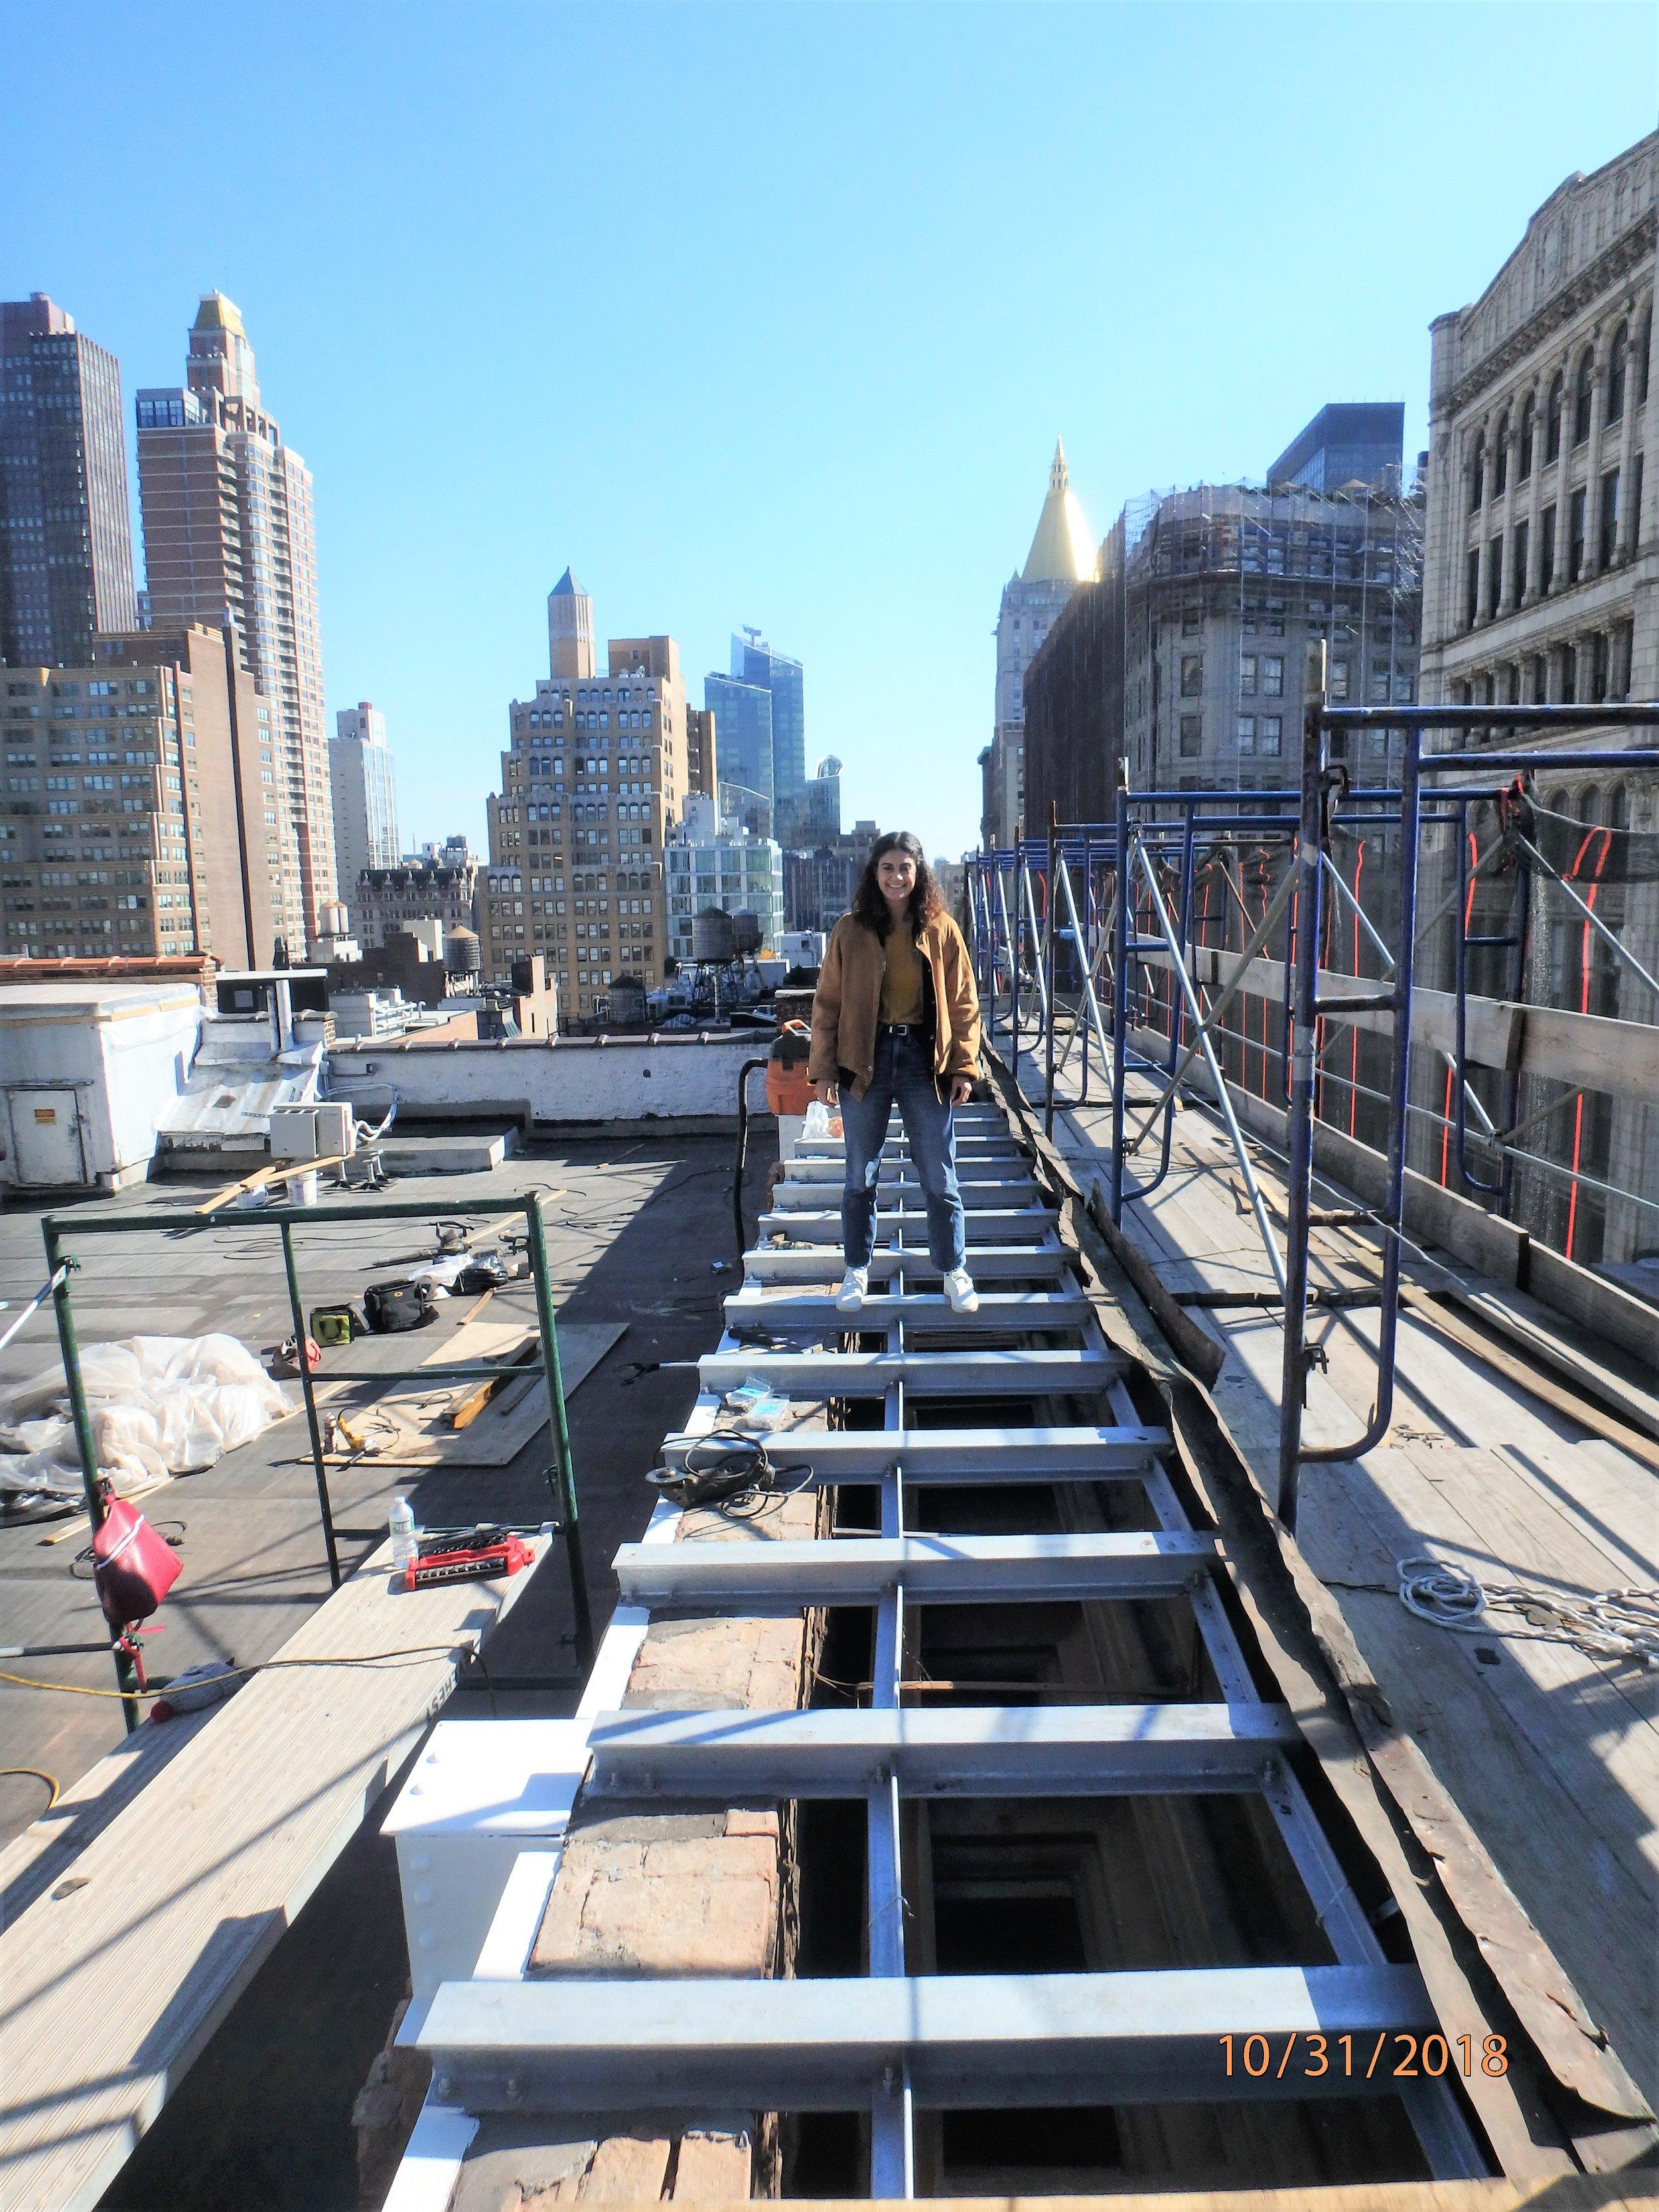 Cornice reconstruction work in midtown Manhattan, October 2018